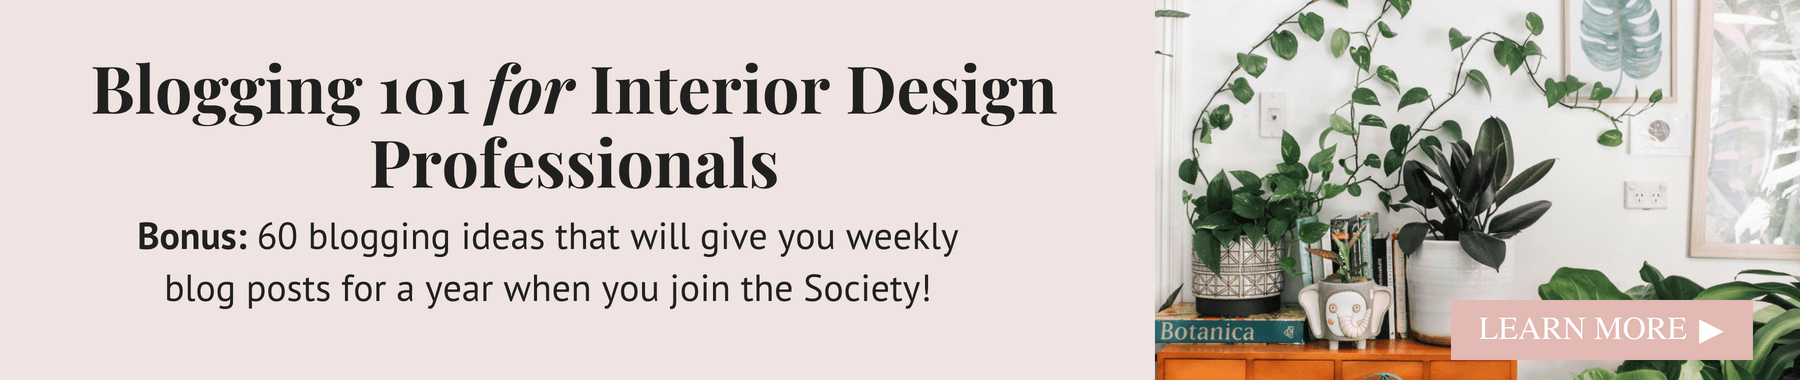 blogging for interior design professionals